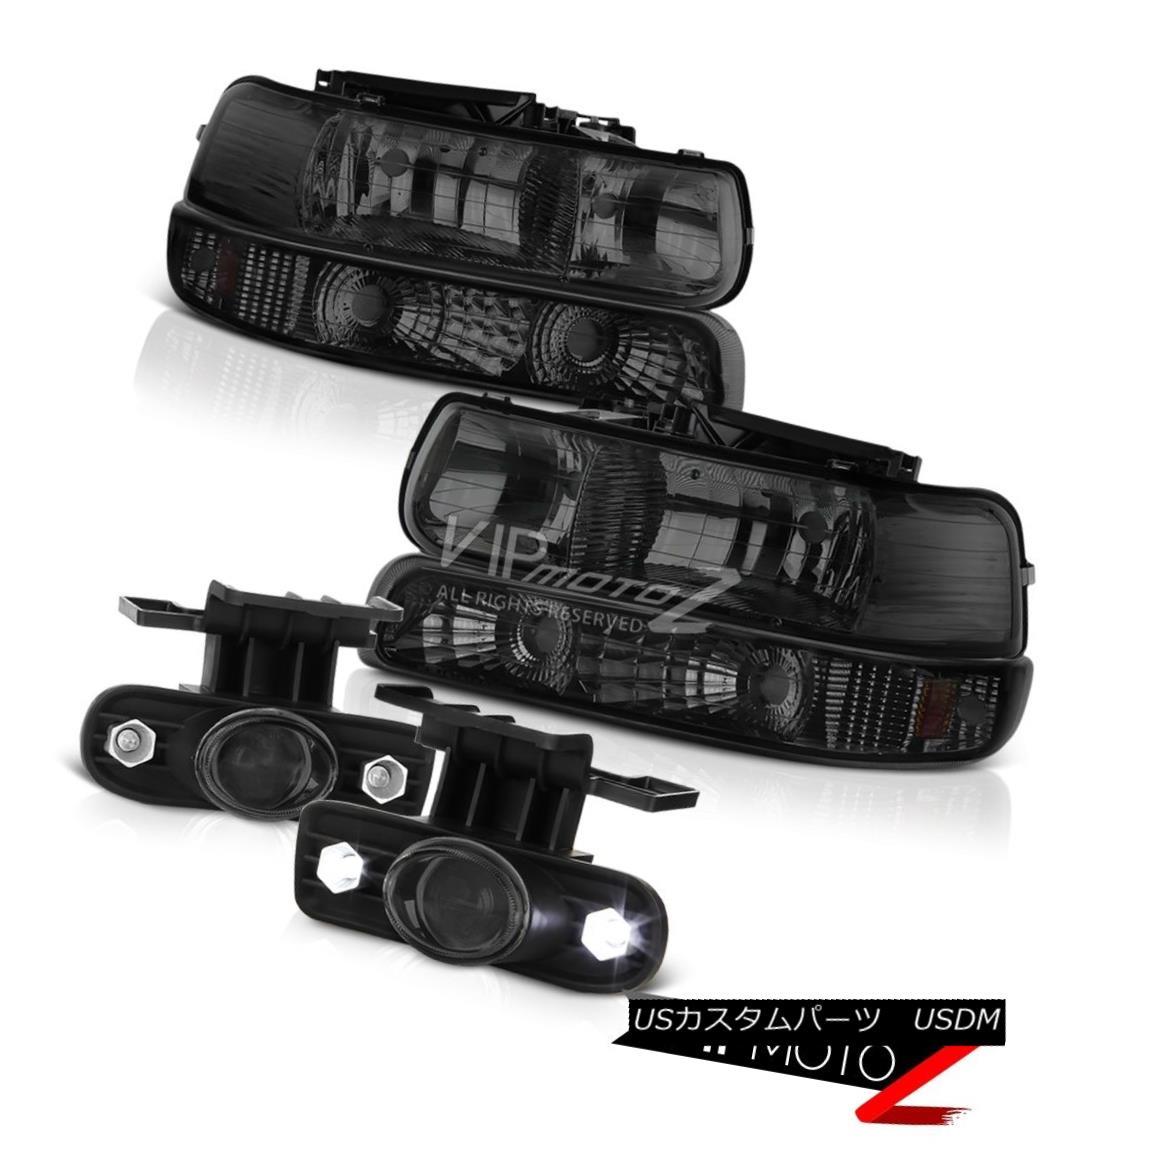 ヘッドライト 1999 2000 GMT800 Silverado Smoke Bumper Headlamps LED Switch Relay Foglamps 1999 2000 GMT800 SilveradoスモークバンパーヘッドランプLEDスイッチリレーFoglamps